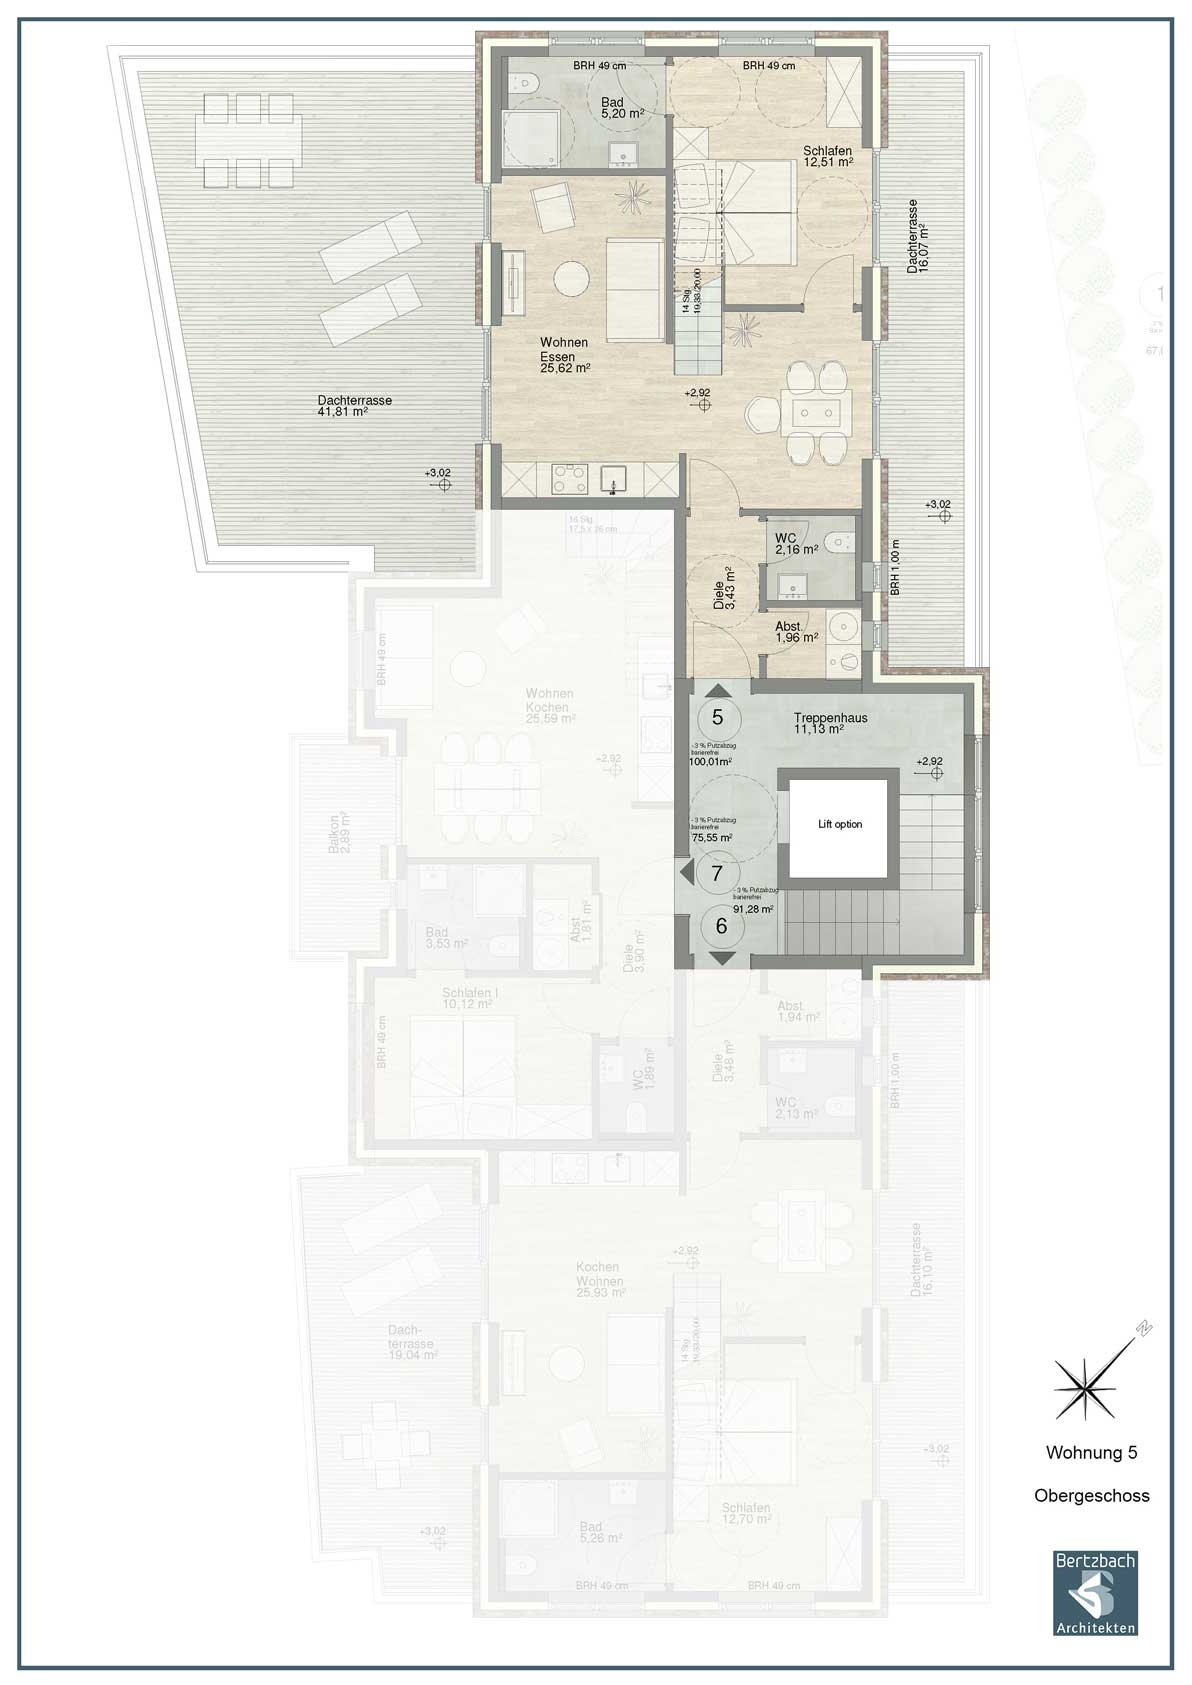 Wohnung 5 Obergeschoss